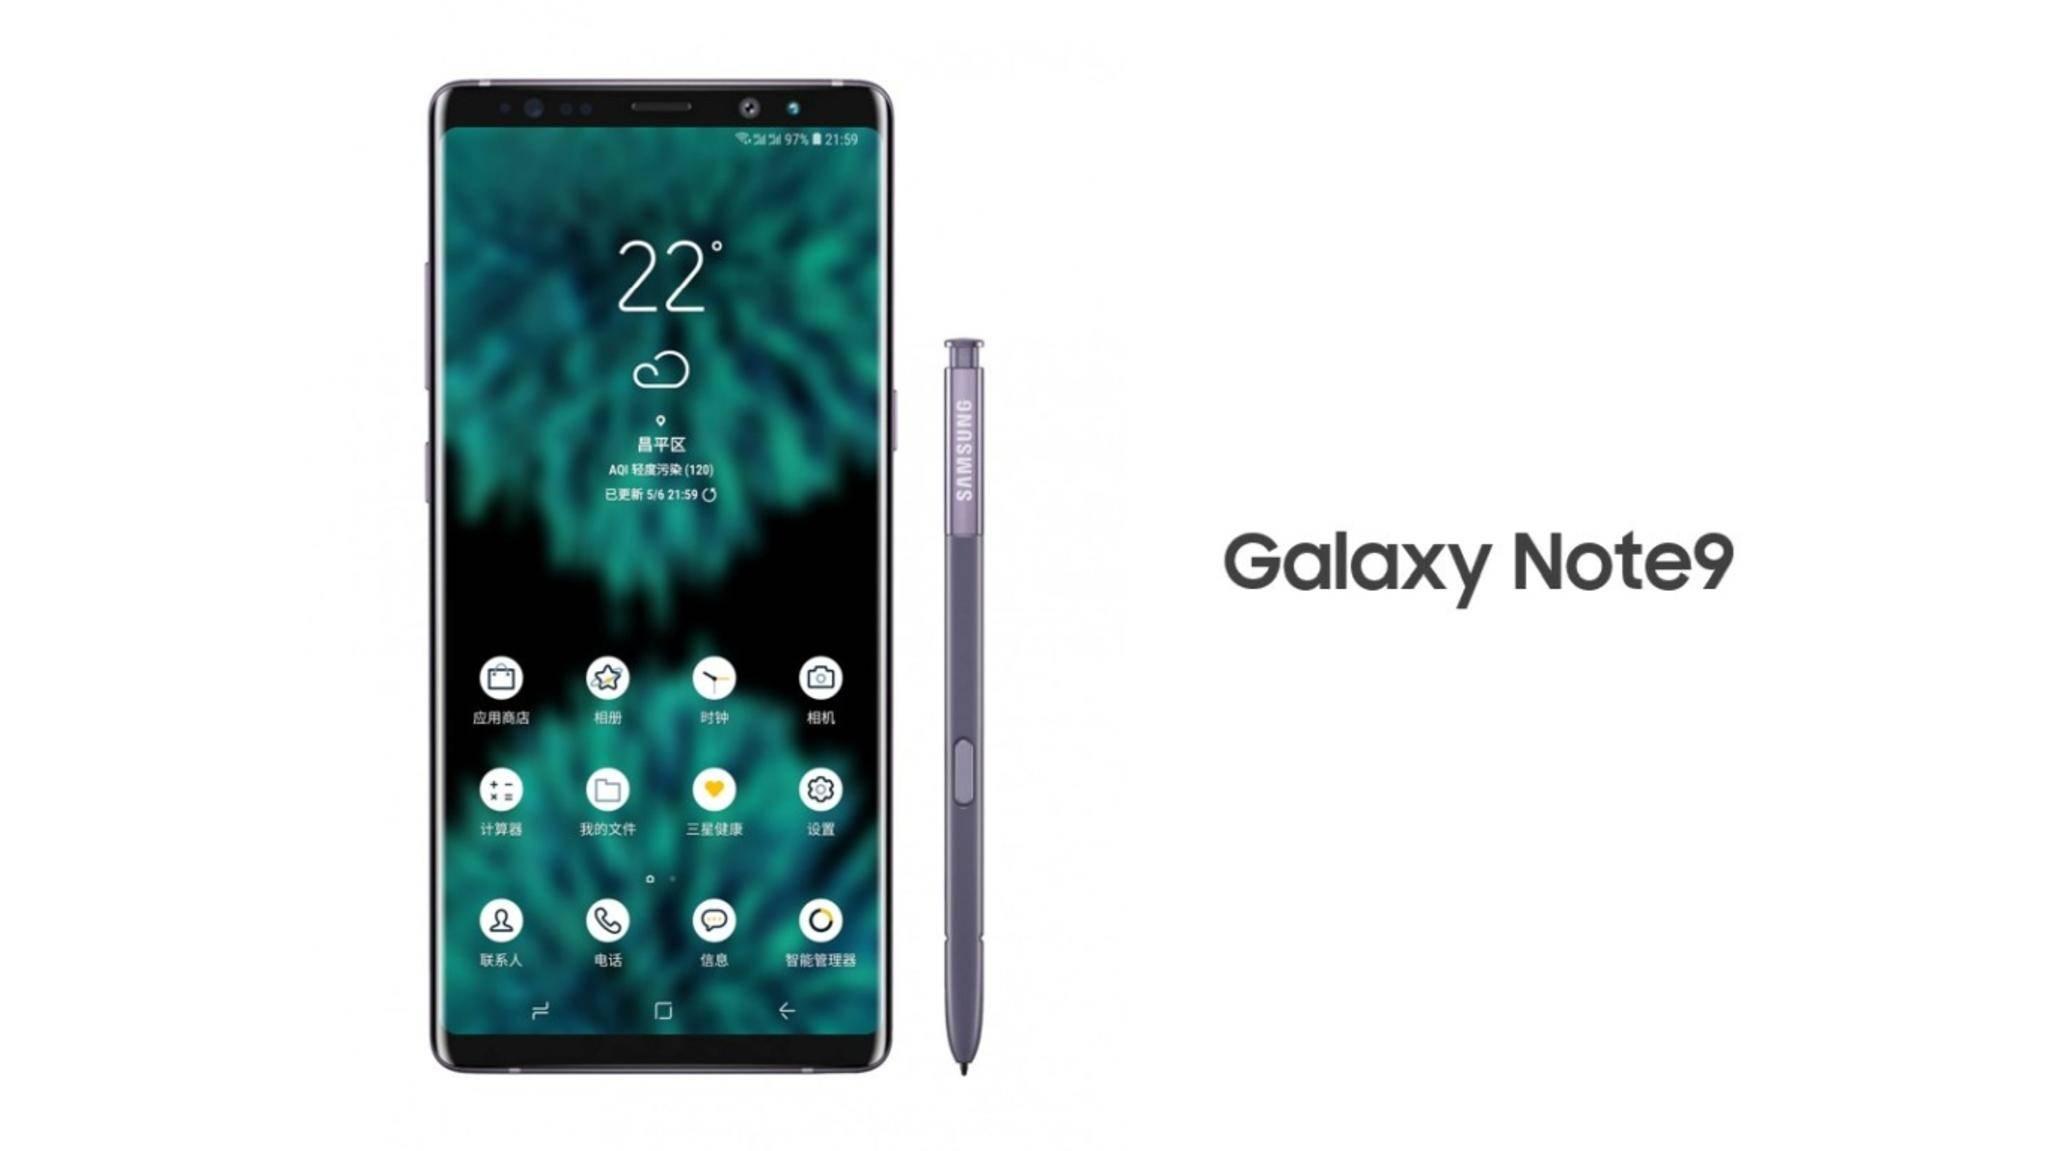 Das Galaxy Note 9 soll sich im Vergleich zum Note 8 nicht groß verändern.